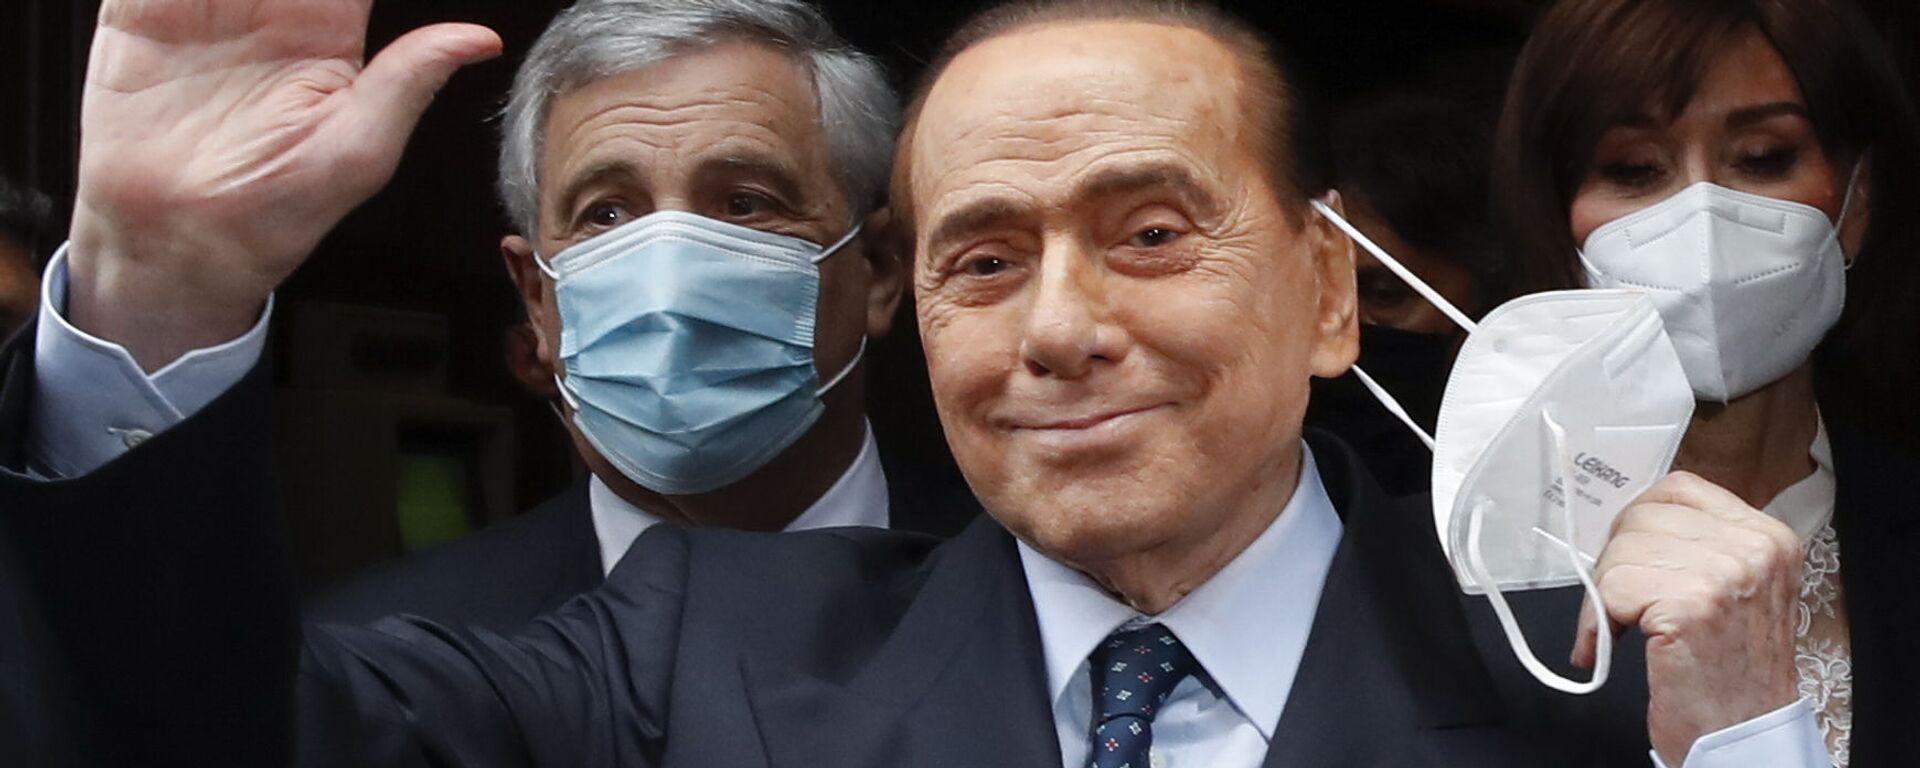 Бывший премьер-министр Италии Сильвио Берлускони машет репортерам в Риме  - Sputnik Italia, 1920, 30.09.2021